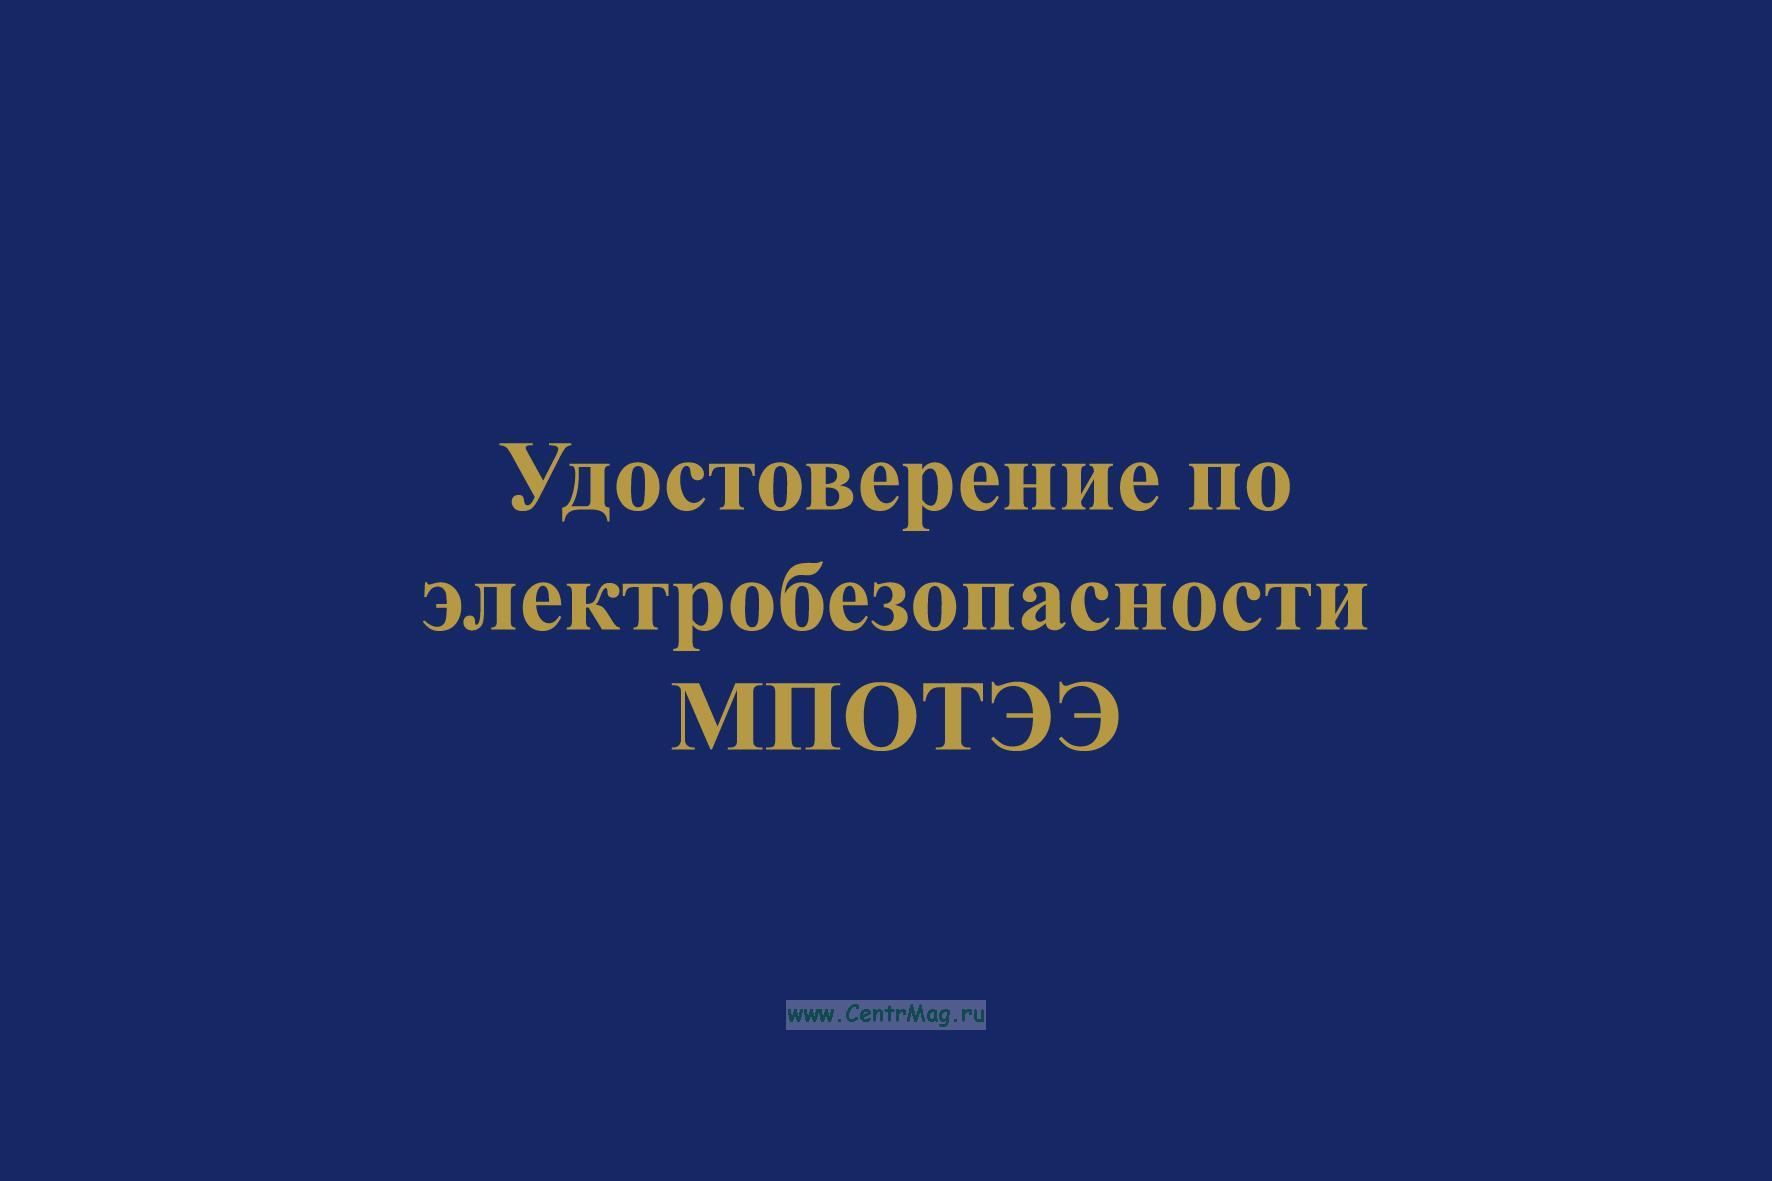 Удостоверение по электробезопасности МПОТЭЭ приложение №2